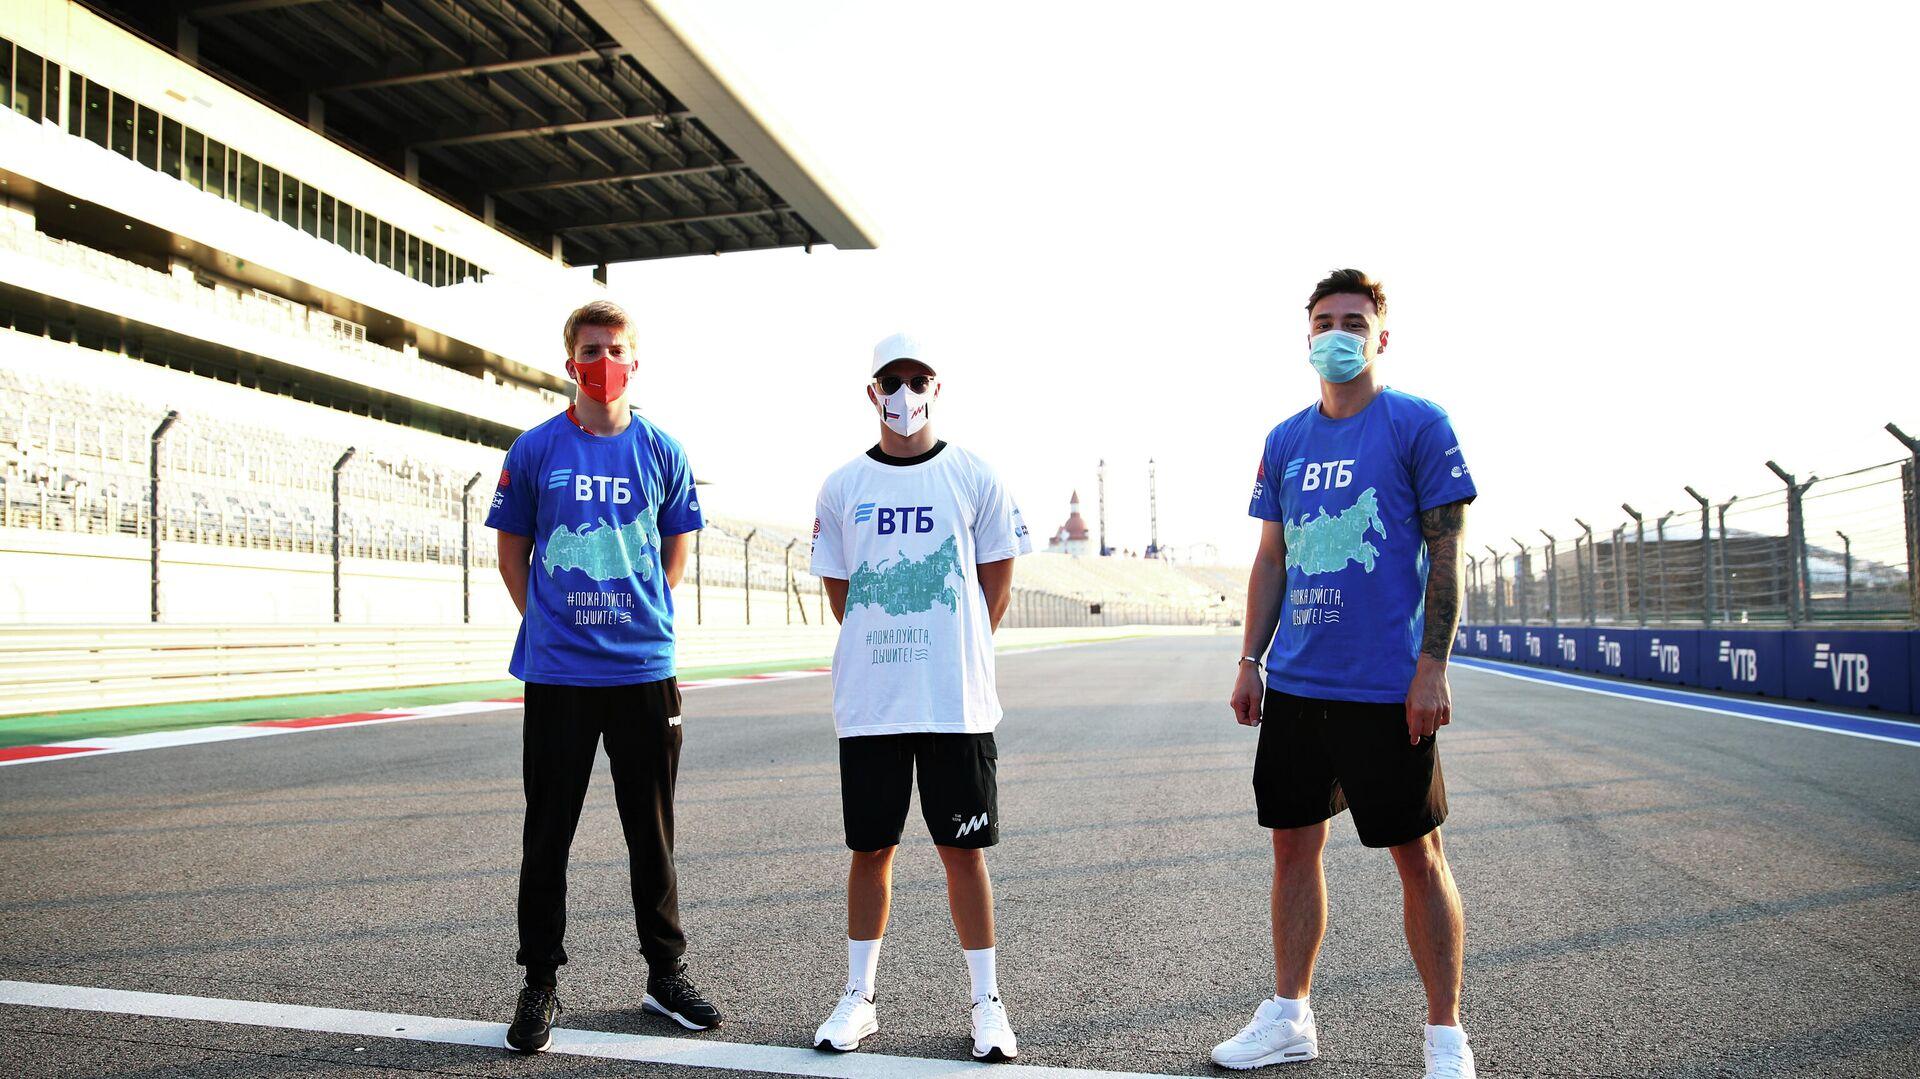 Российские гонщики команд Формулы-1 и Формулы-2 приняли участие в акции Пожалуйста, дышите! - РИА Новости, 1920, 25.09.2020